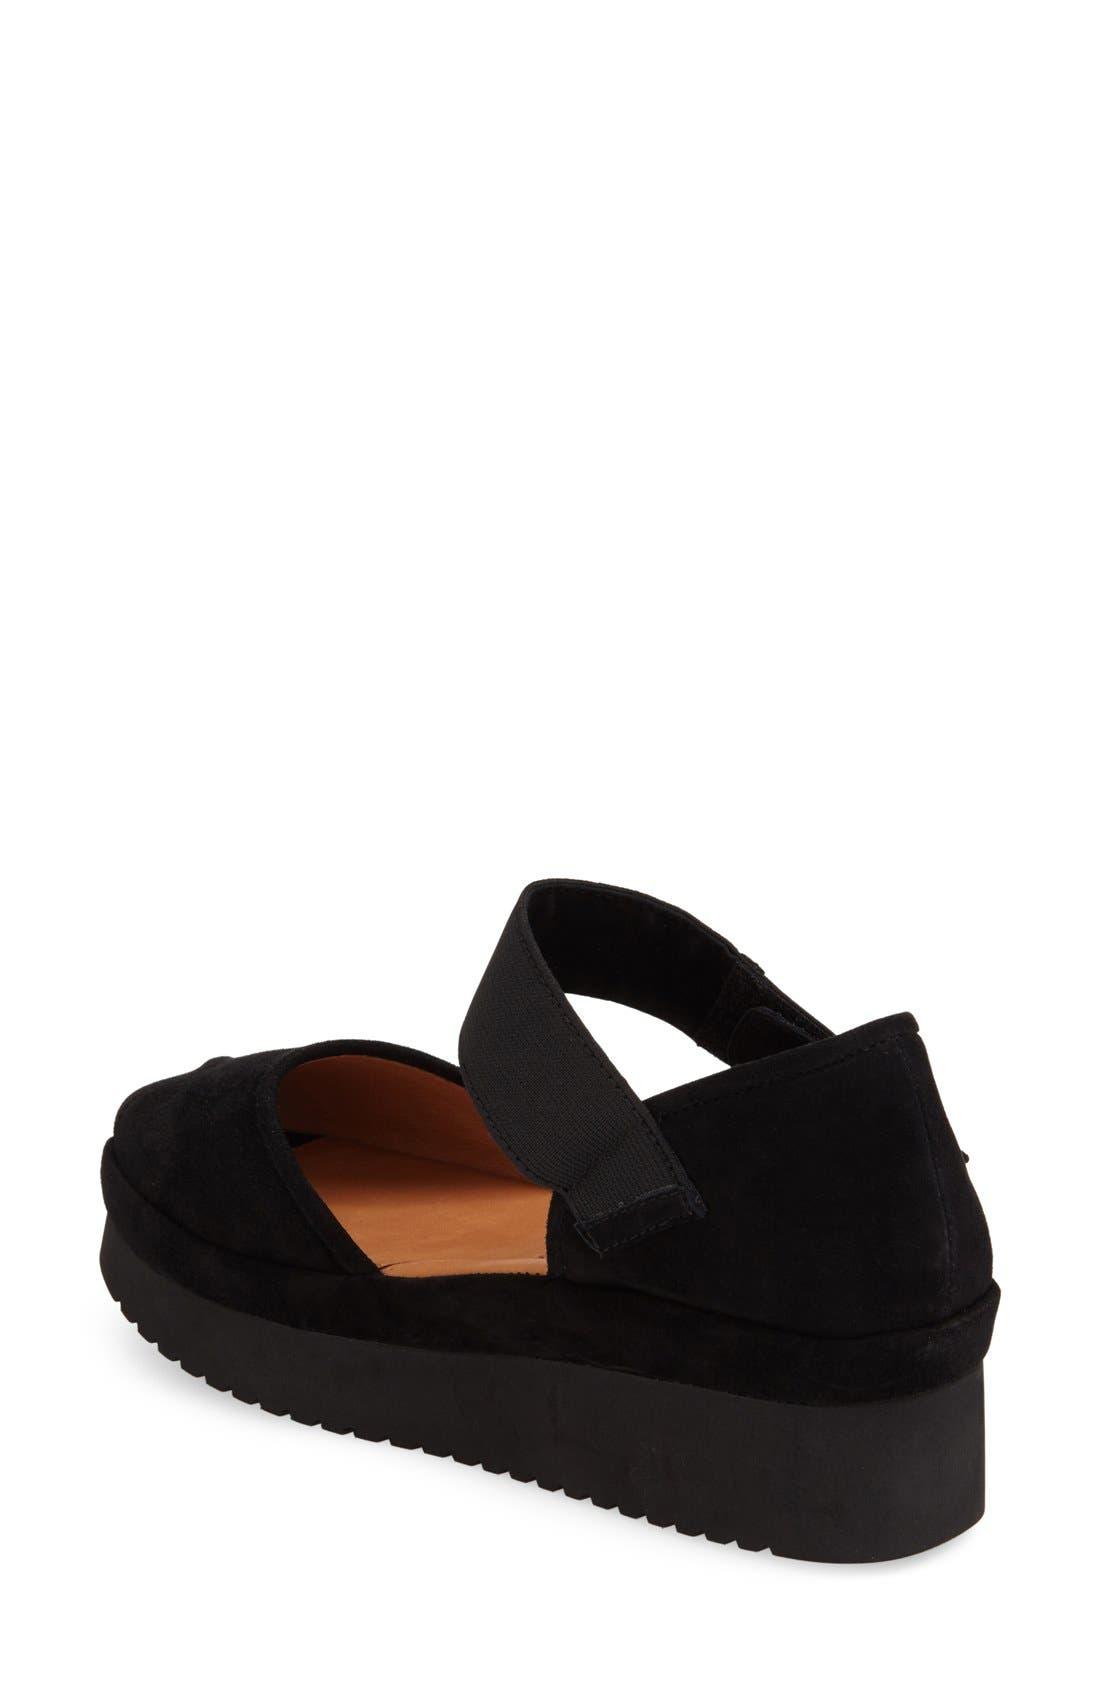 'Amadour' Platform Sandal,                             Alternate thumbnail 15, color,